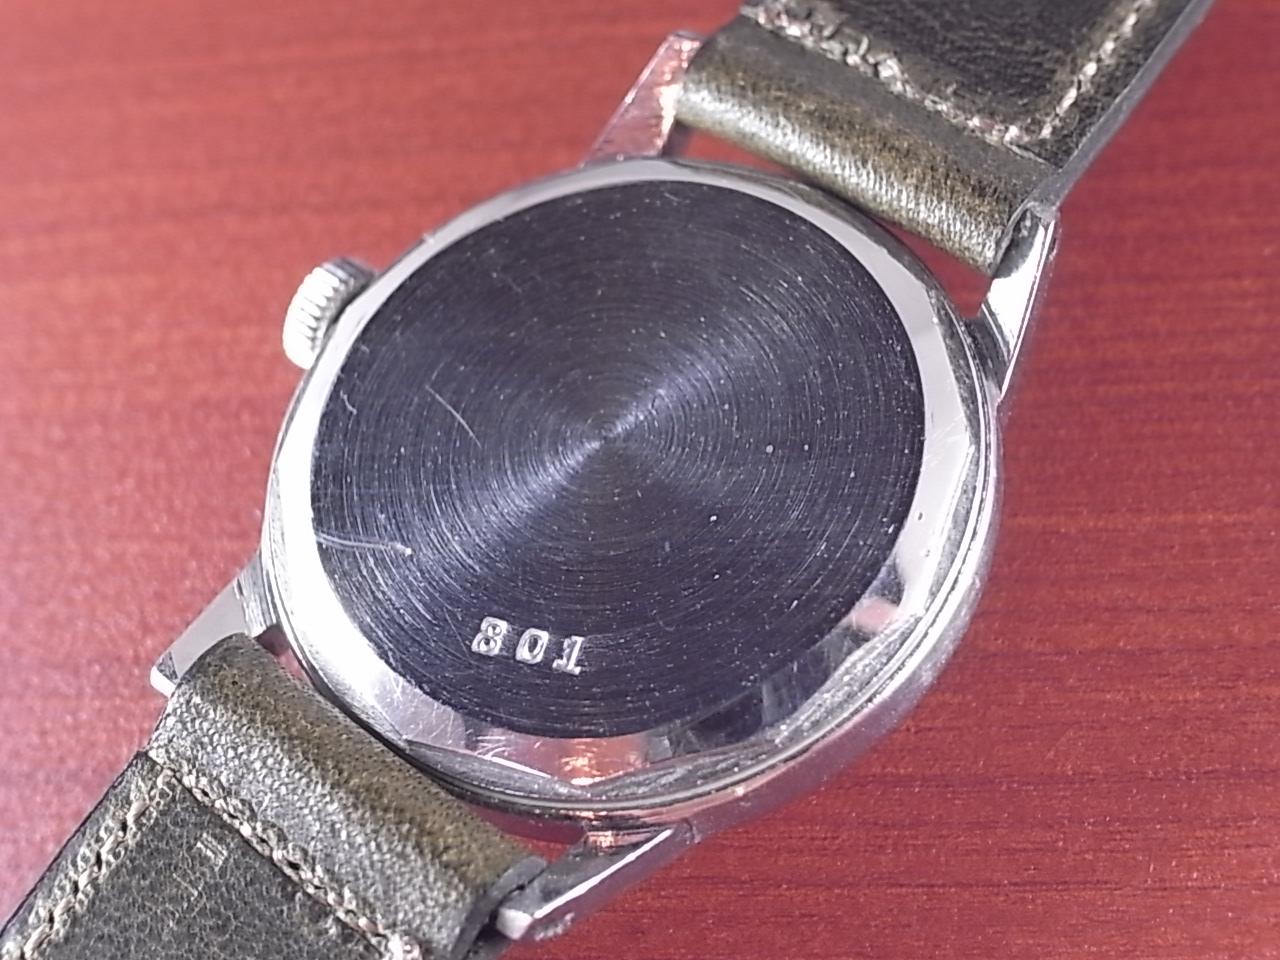 ミネルバ センターセコンド ブラックミラーダイアル Cal.49 1950年代の写真4枚目